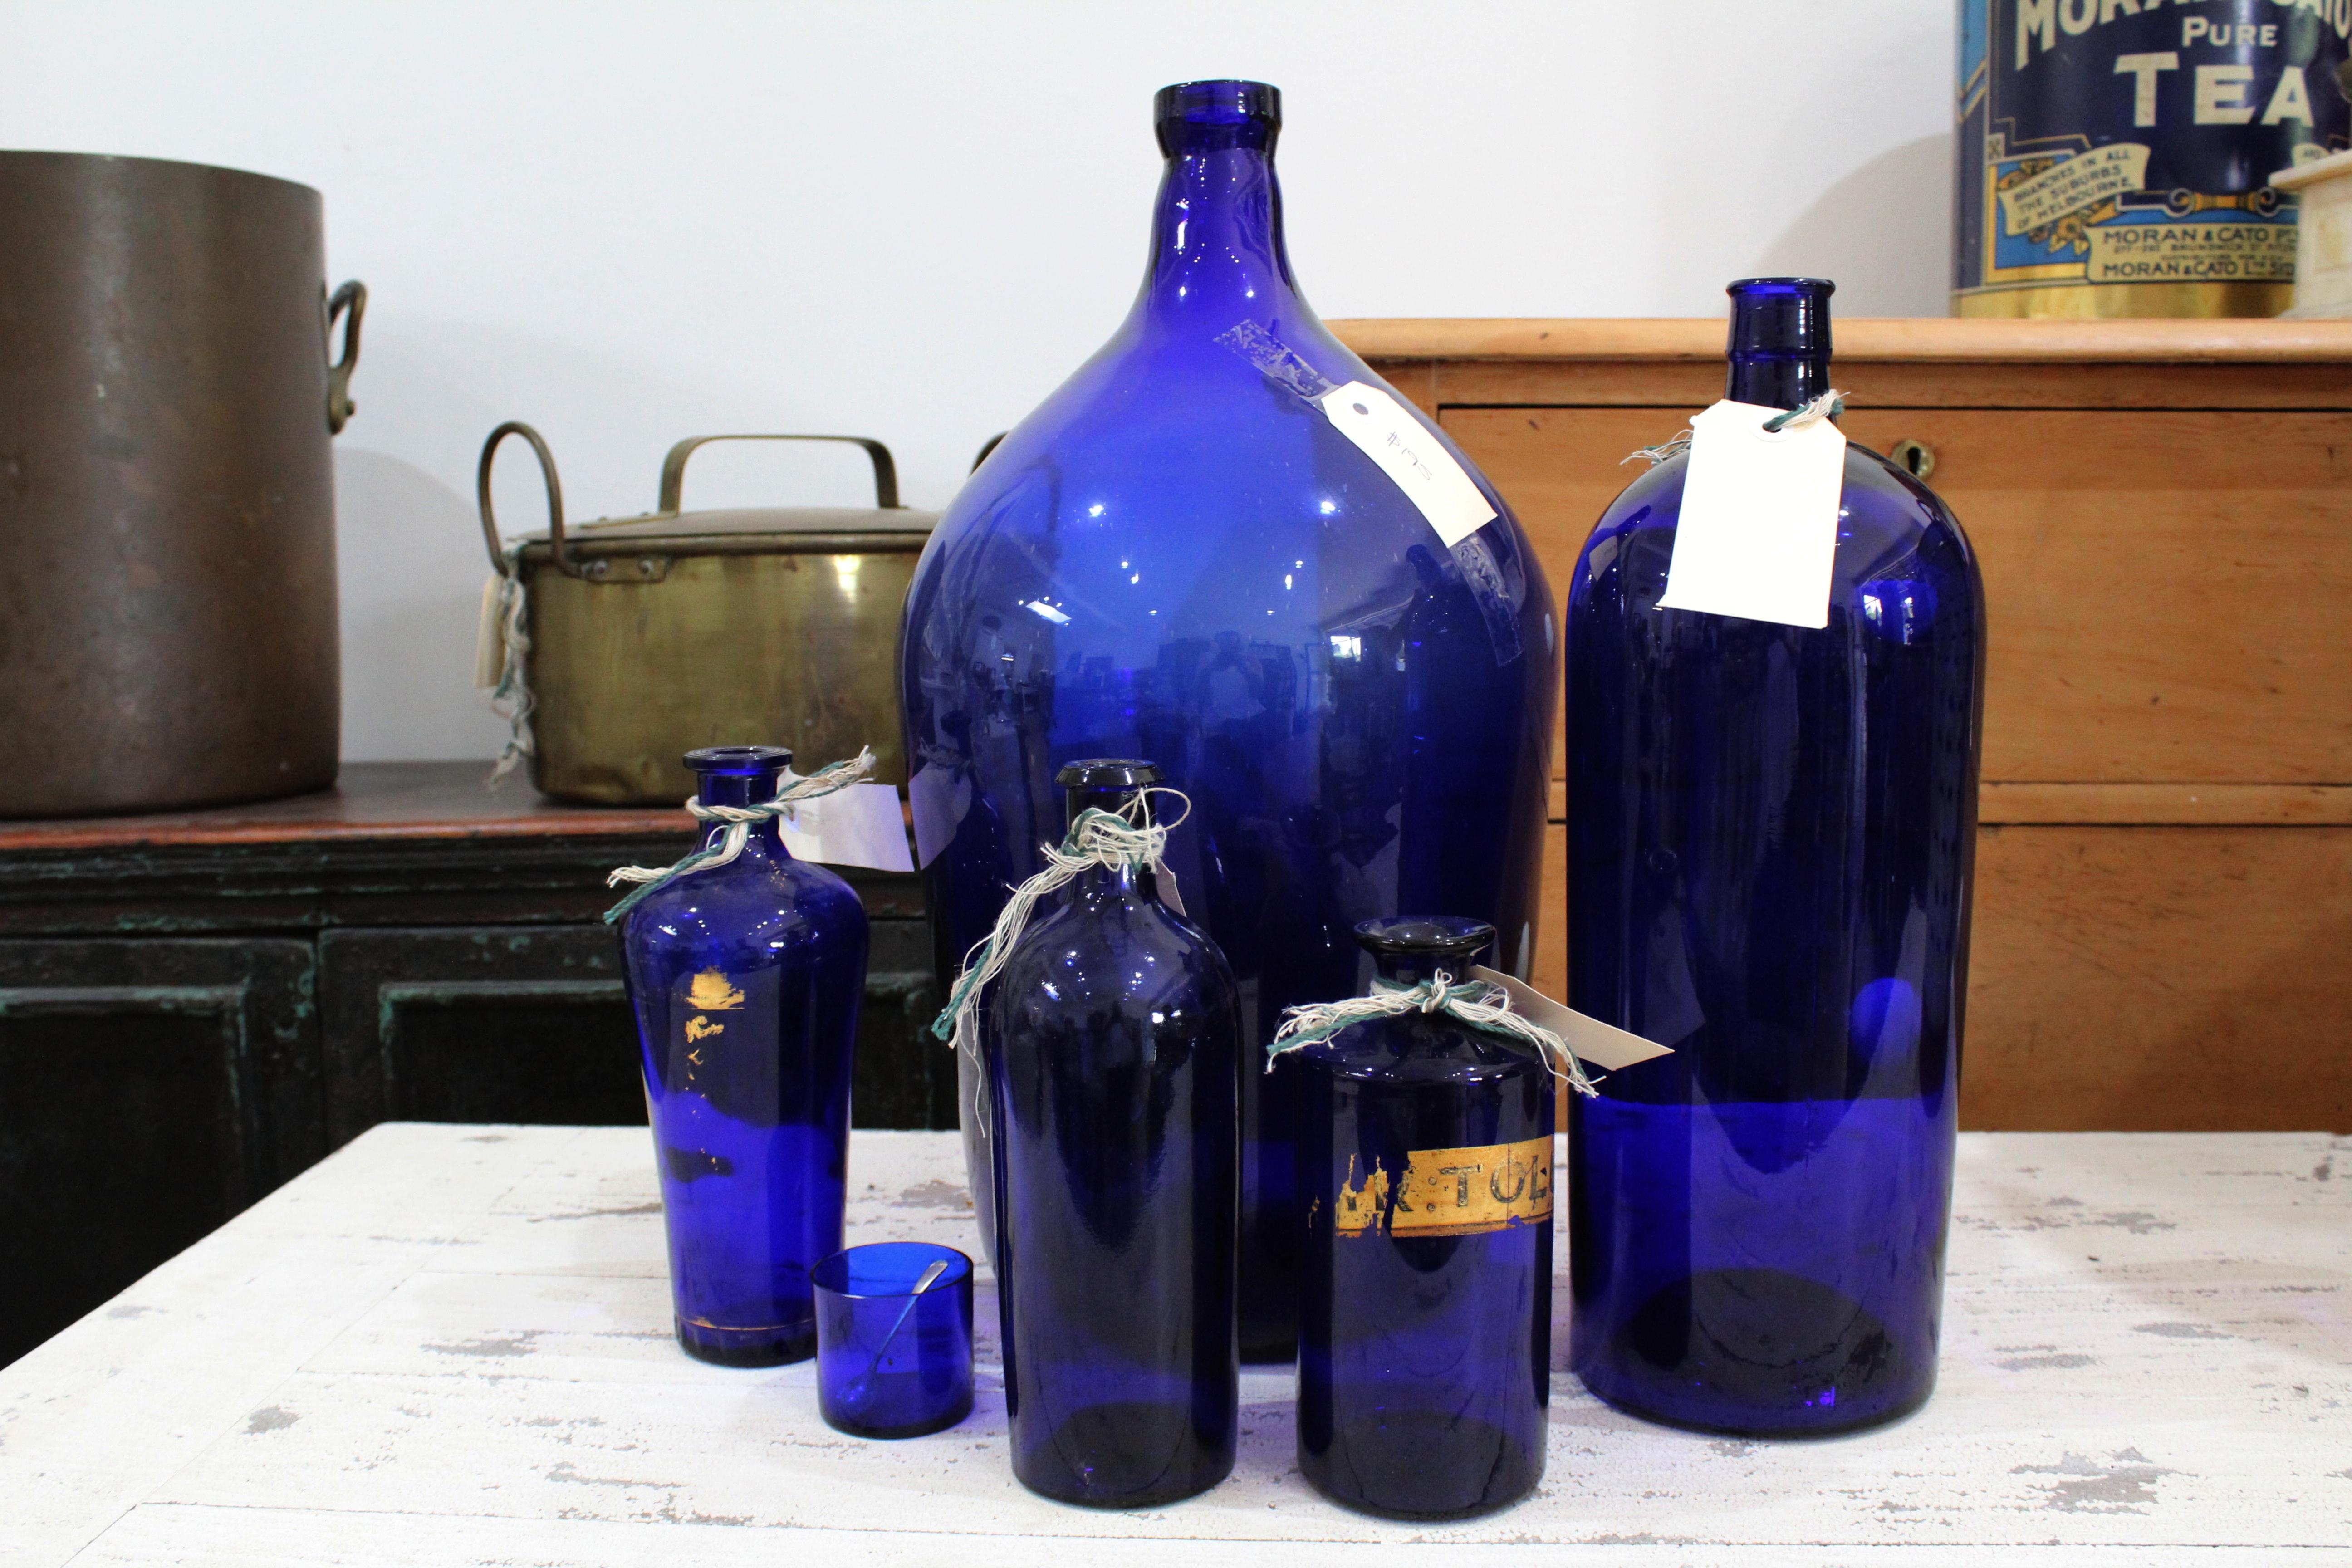 Blue Apothecary